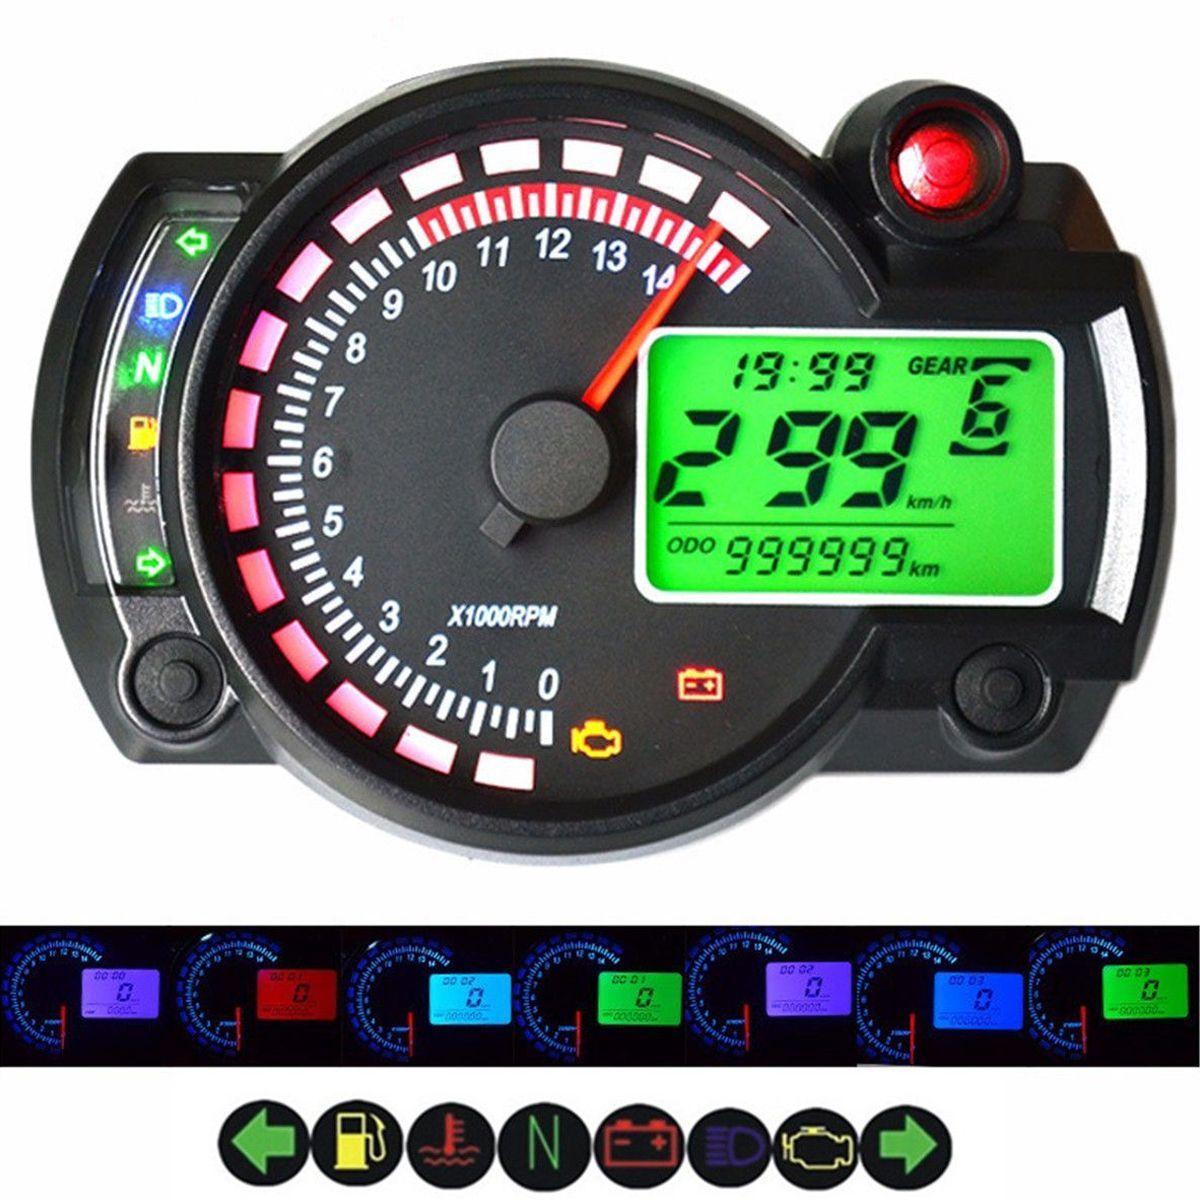 7 Color LED Motorcycle RX2N ATV LCD Digital Speedometer Tachometer Meter 15000rpm